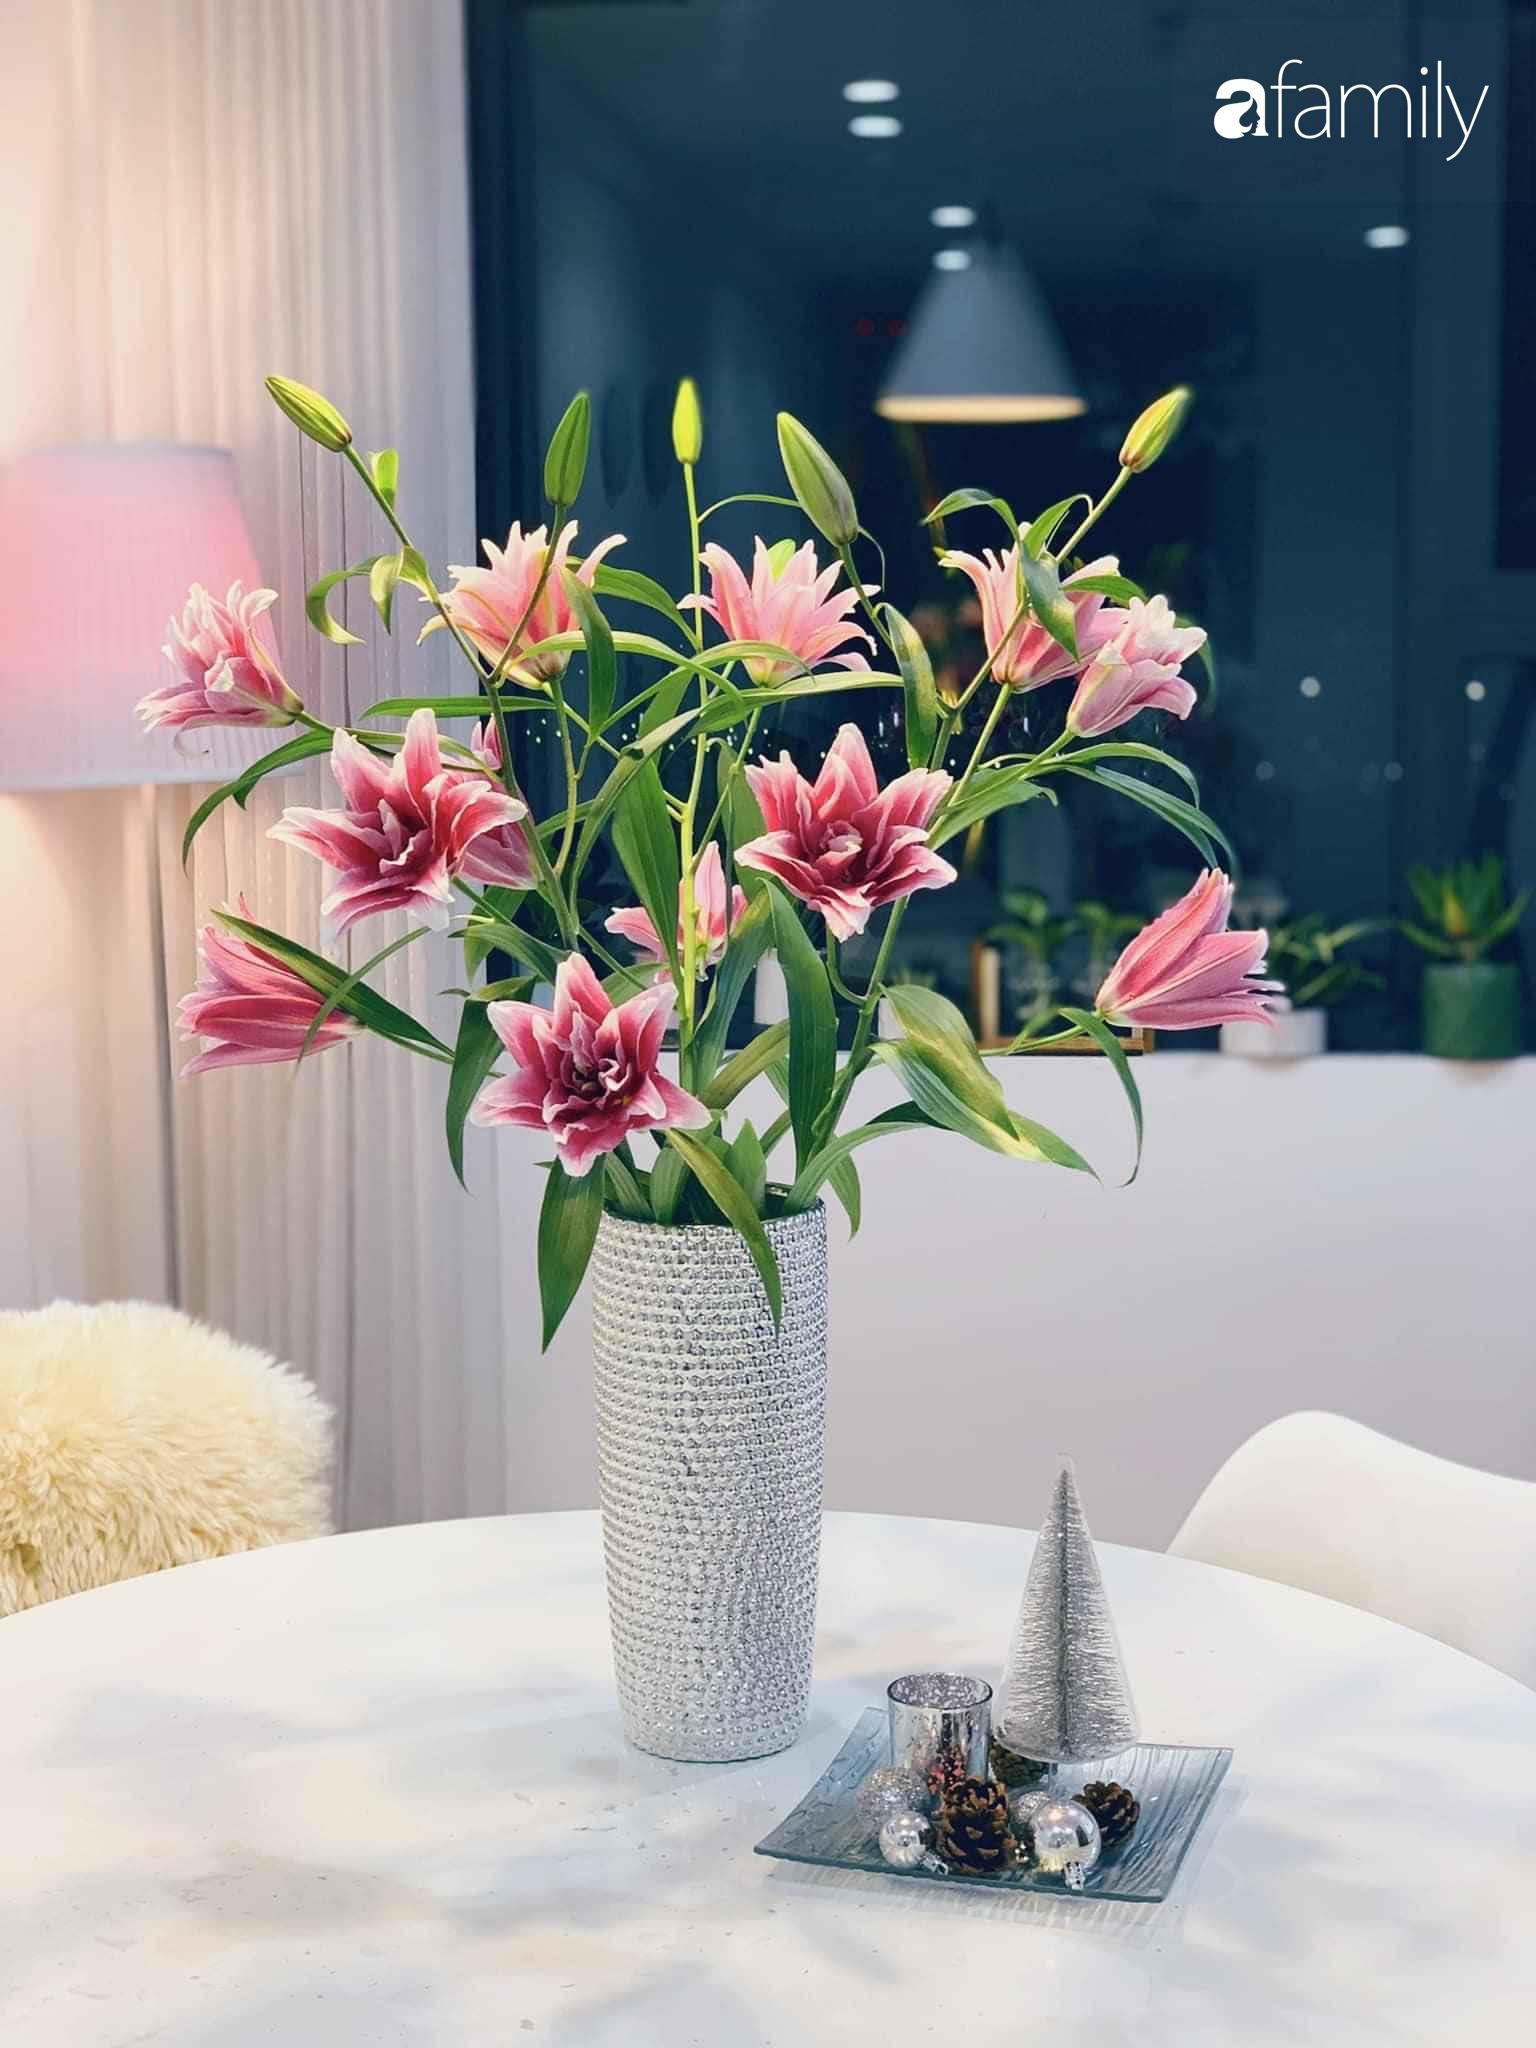 Bí quyết decor căn hộ 60m² luôn ngọt ngào và thoảng nhẹ hương thơm dịu dàng ở Hà Nội - Ảnh 10.